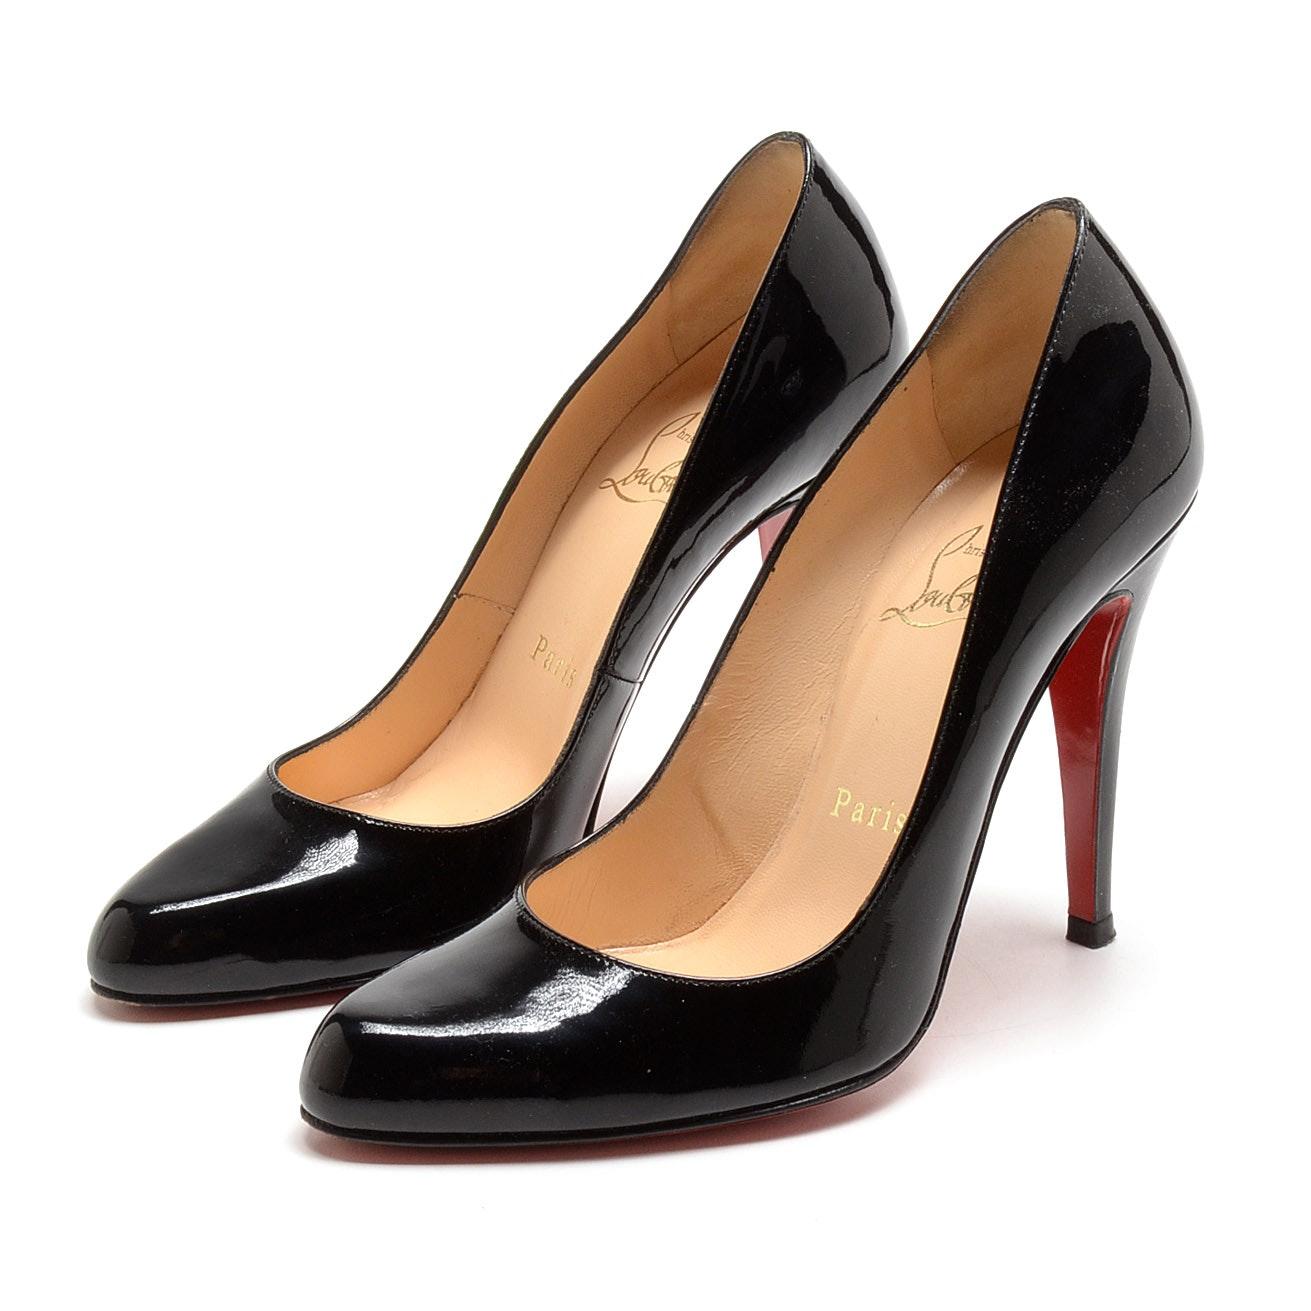 Christian Louboutin of Paris Black Patent Leather Stiletto Dress Pumps